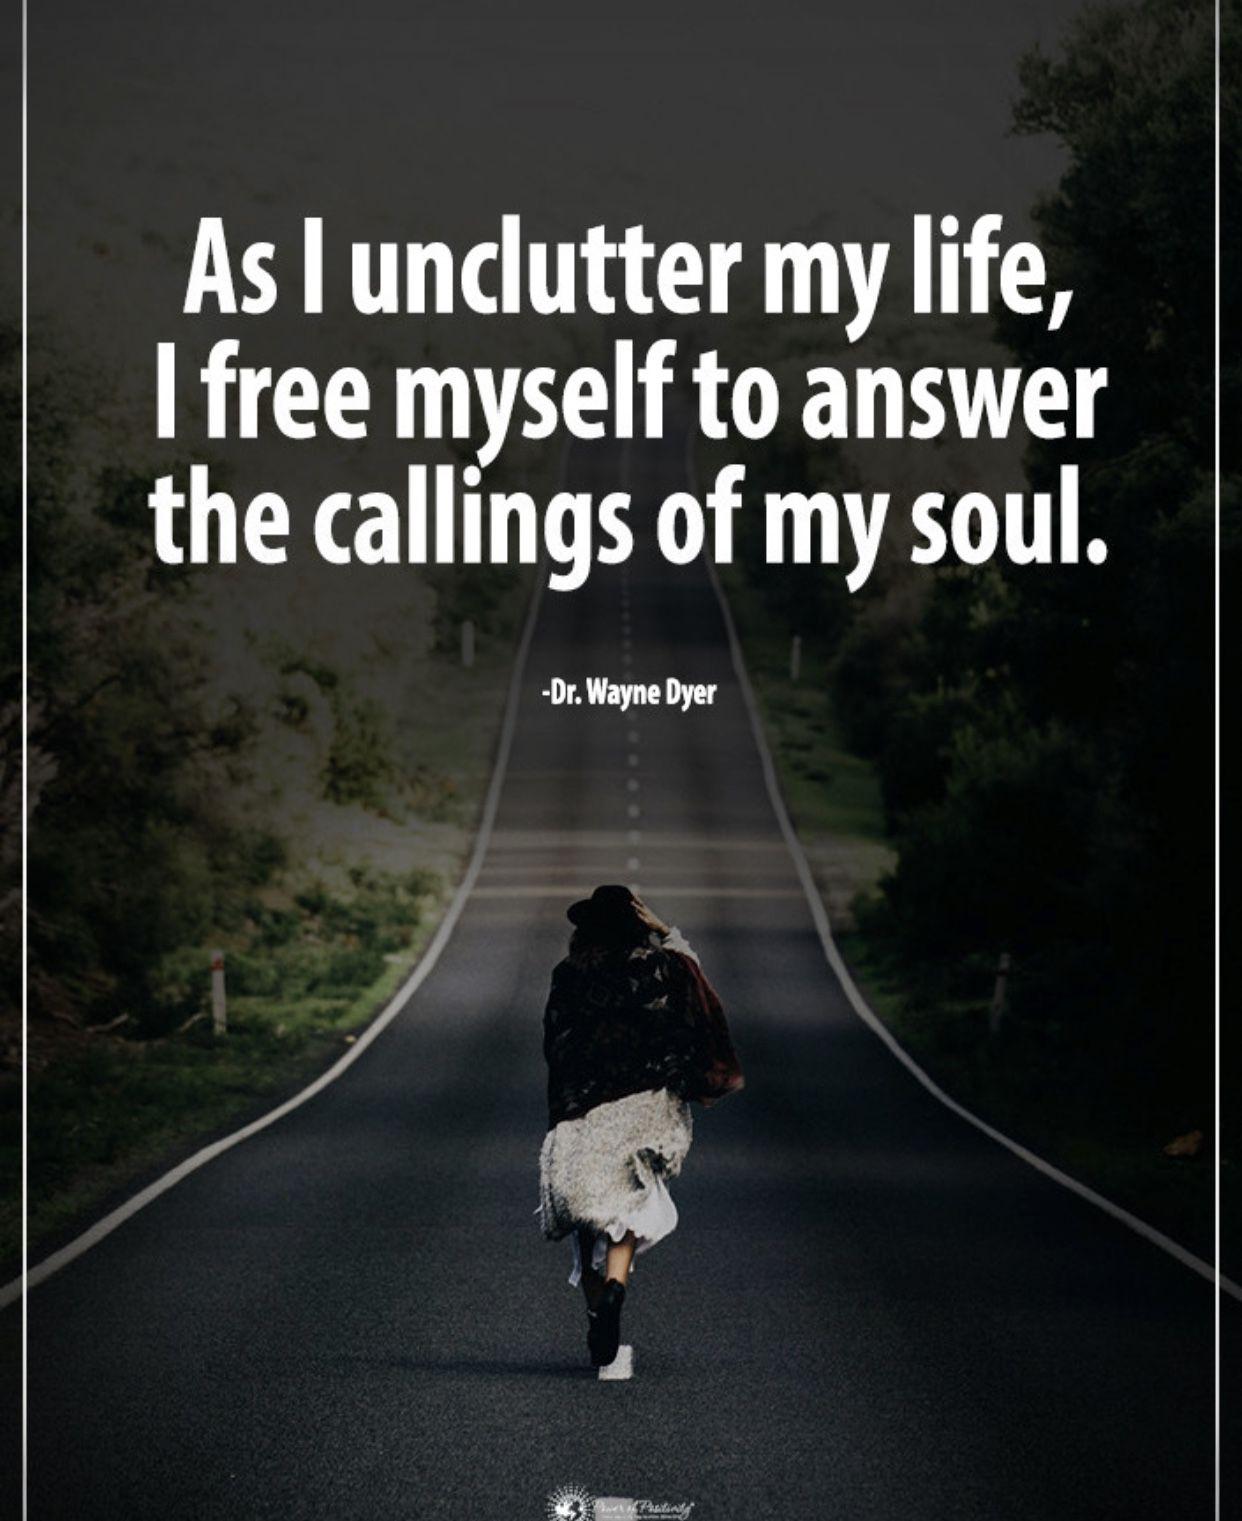 Unclutter Free Wayne Dyer Dr Wayne Dyer Quote Memes Soul